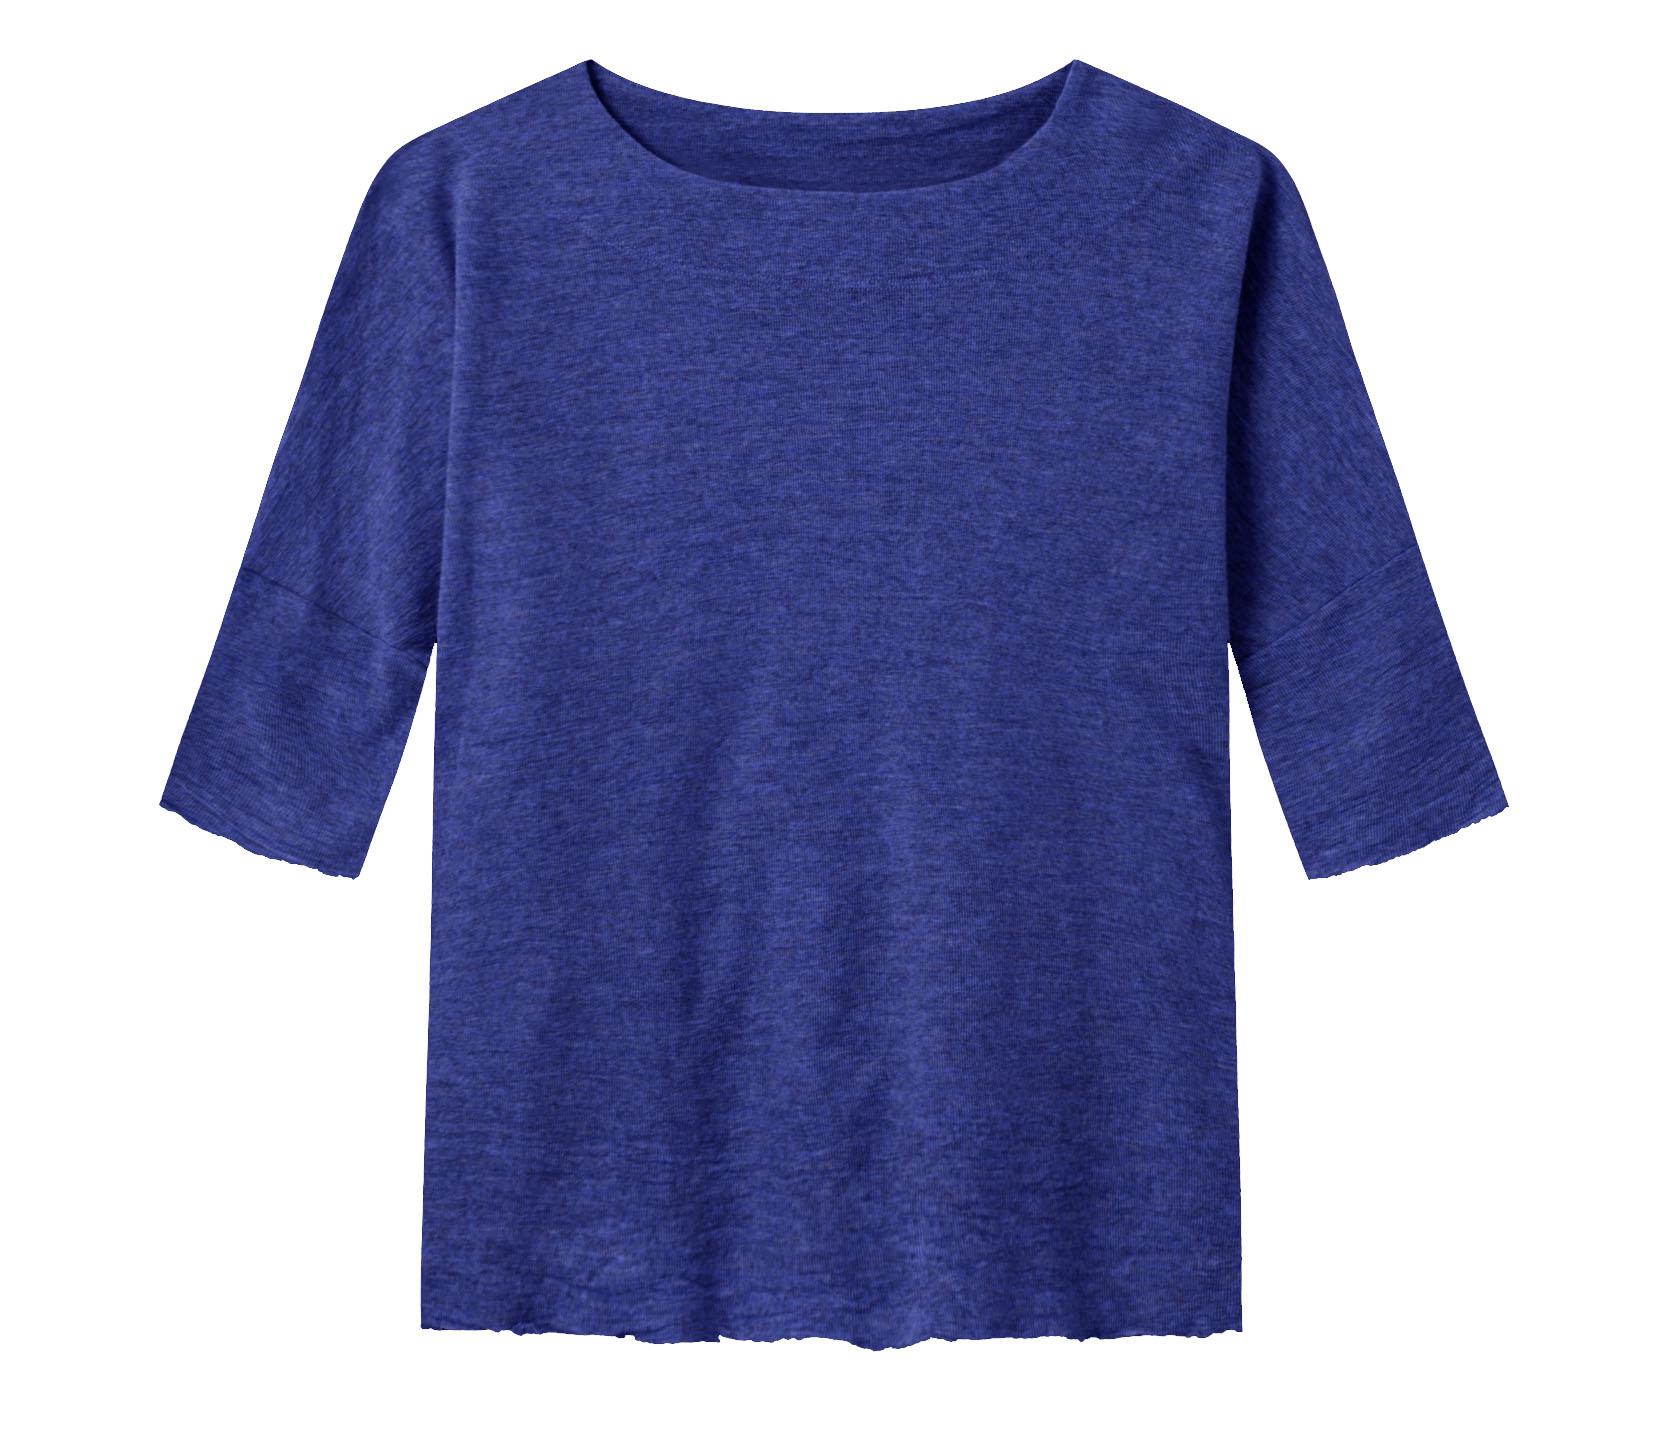 koboltblå tröja